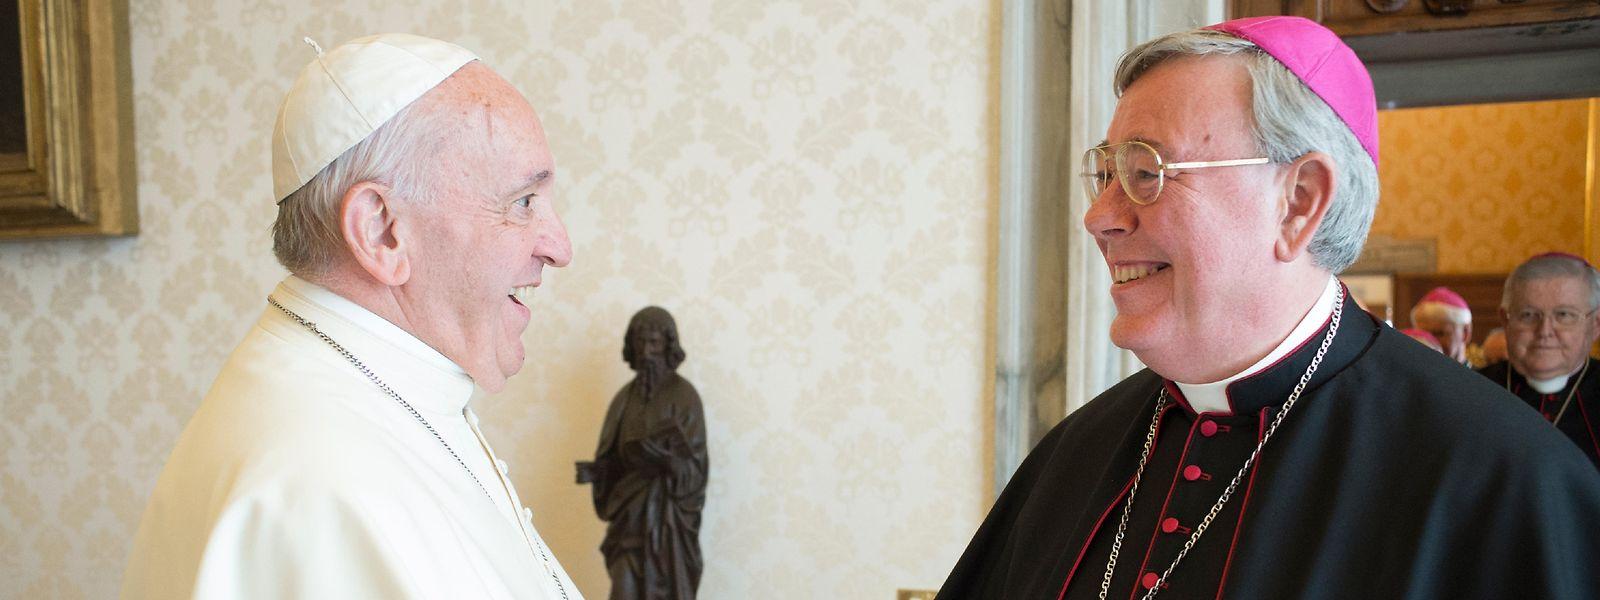 Papst Franziskus und Erzbischof Jean-Claude Hollerich.